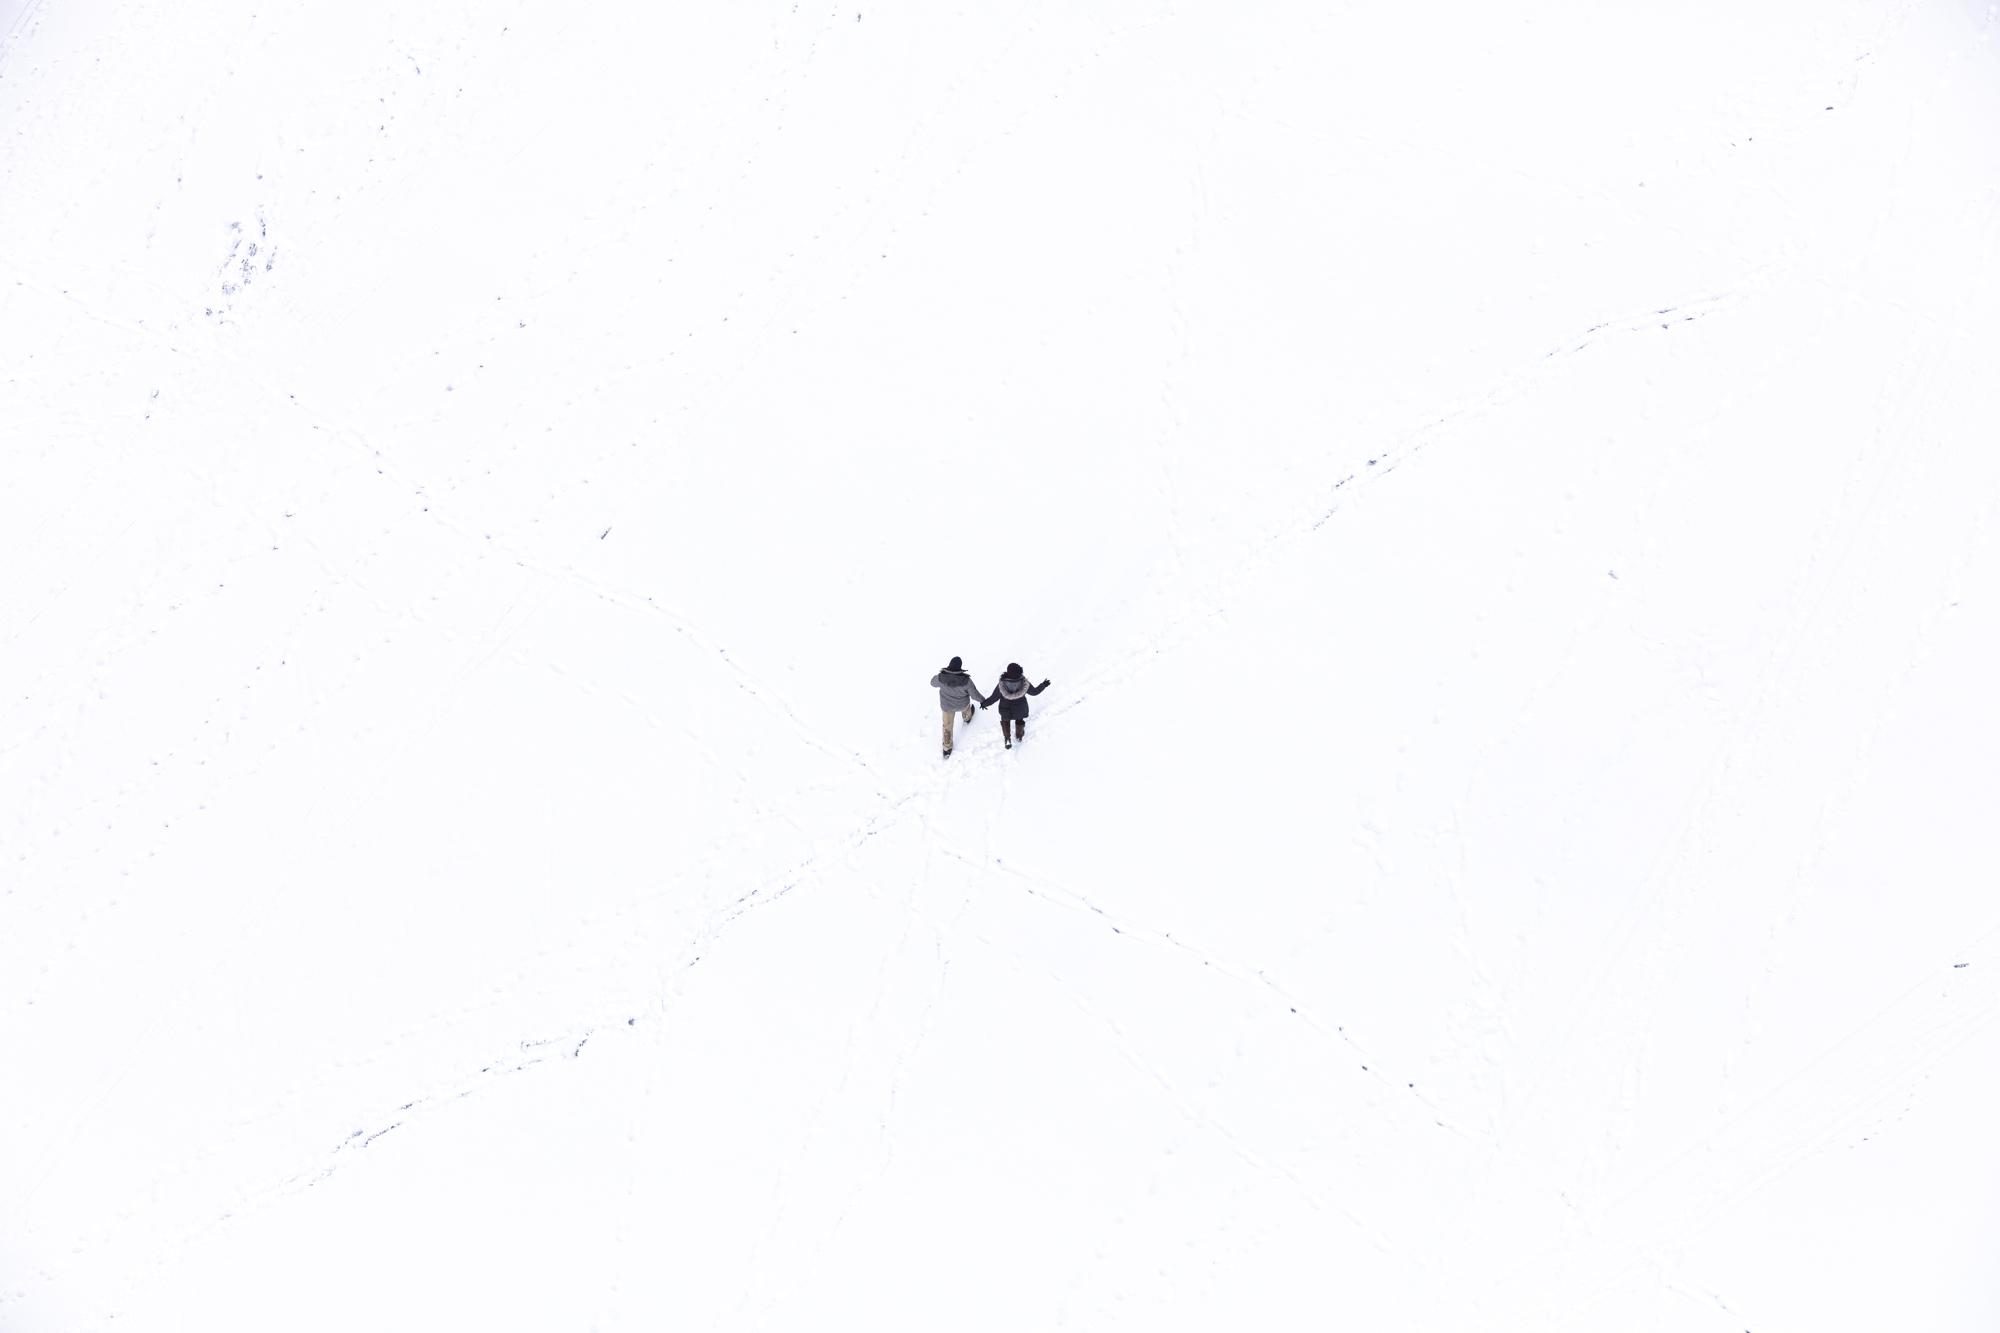 160206_WinterAerials_01082T.JPG